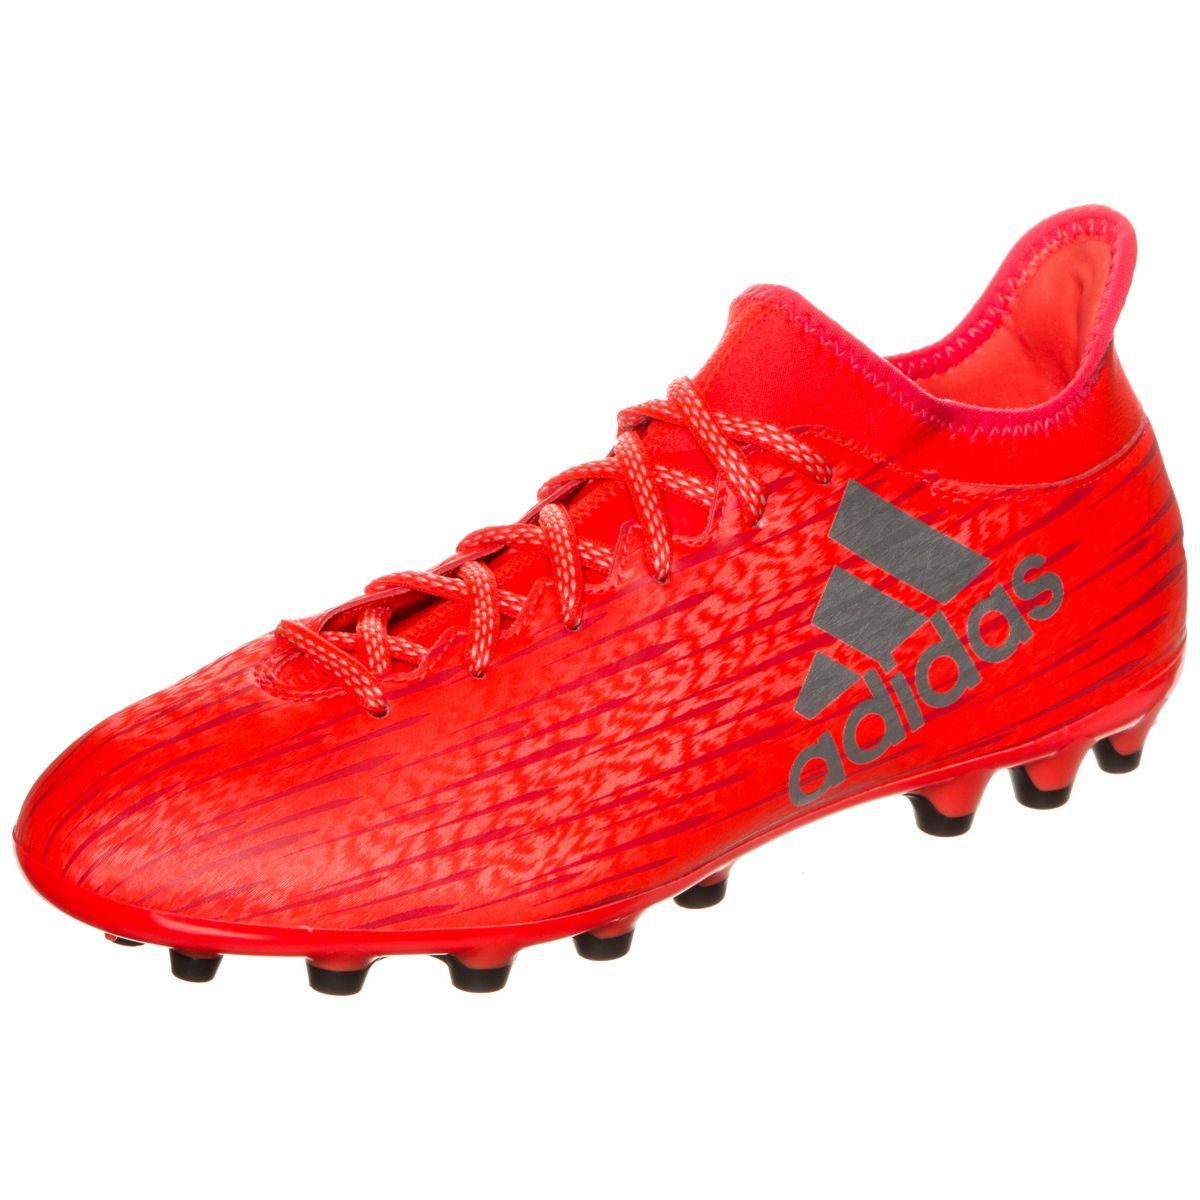 adidas Performance X 16.3 AG Fußballschuh Herren